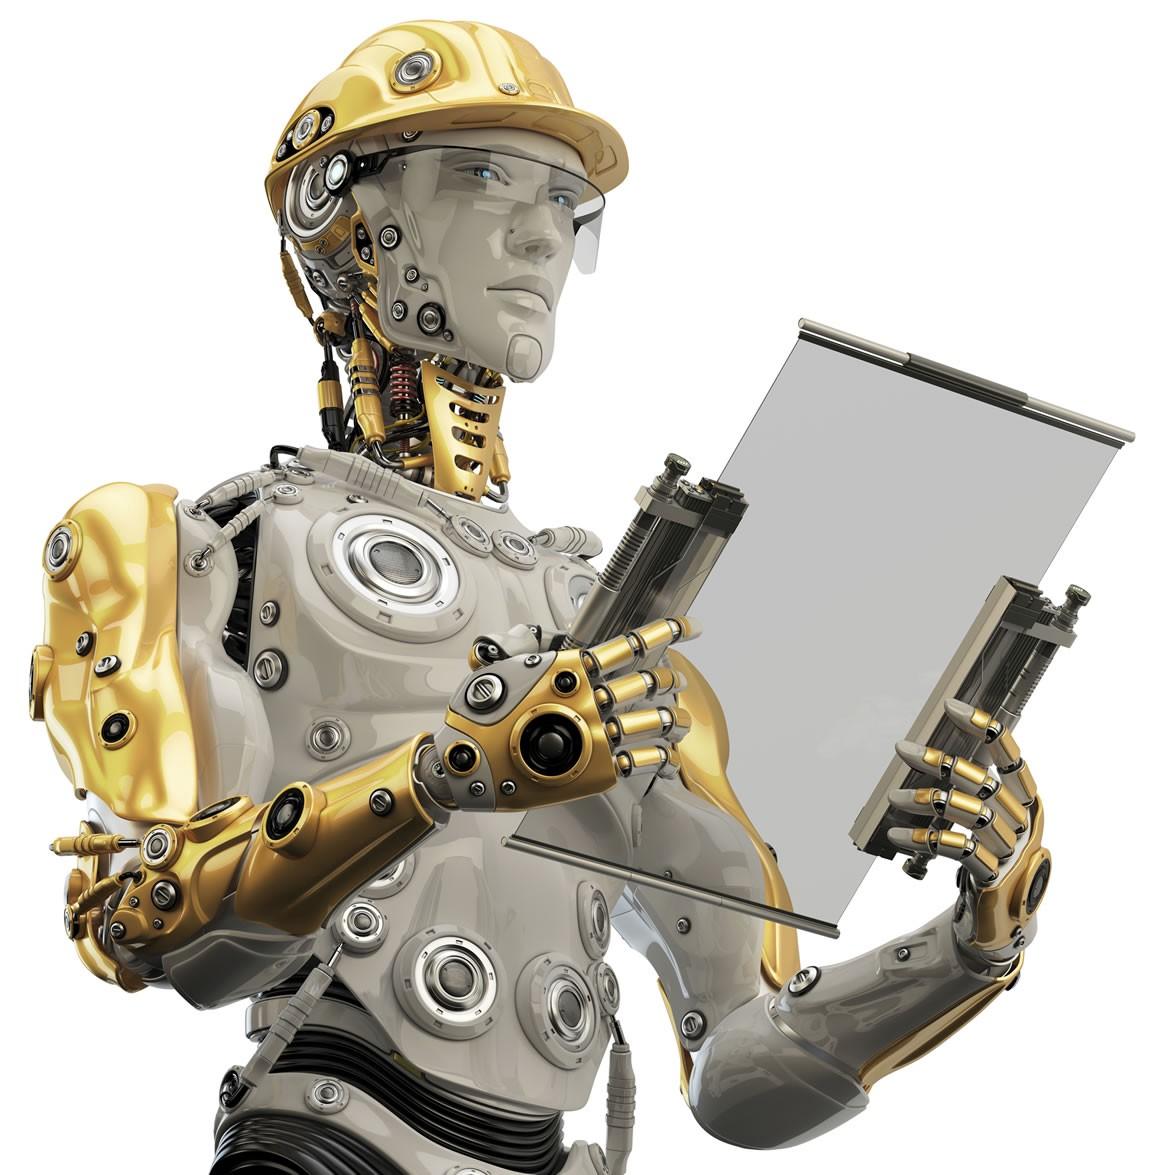 /decentralized-autonomous-workers-cbaeca9ce6b3 feature image